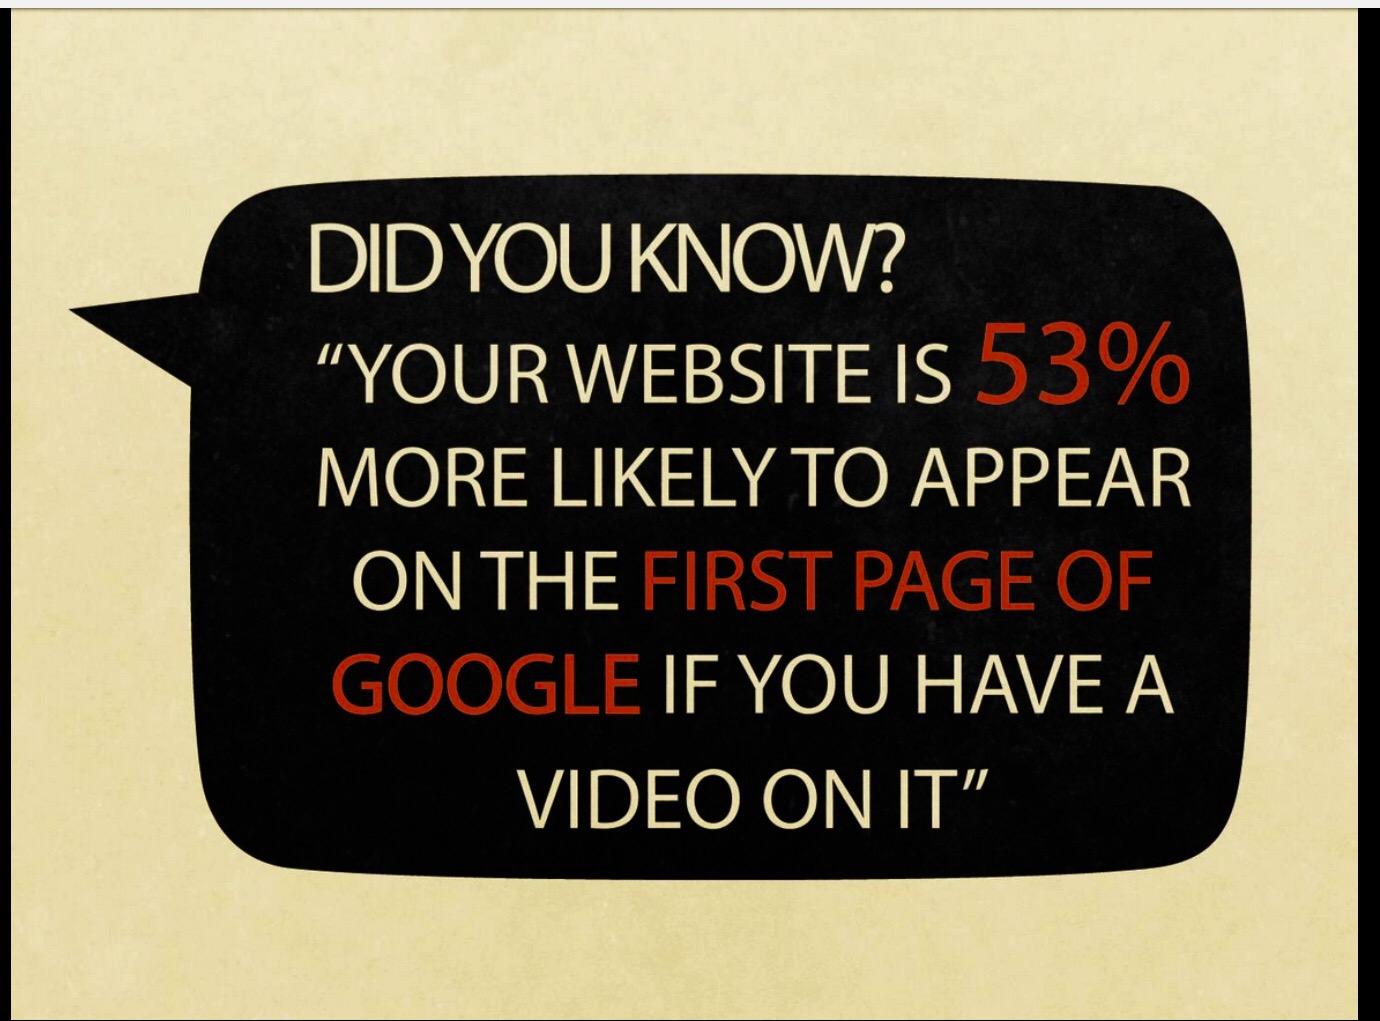 Best SEO Service and Online Marketing. http://CvilleSEO.com/cville-seo